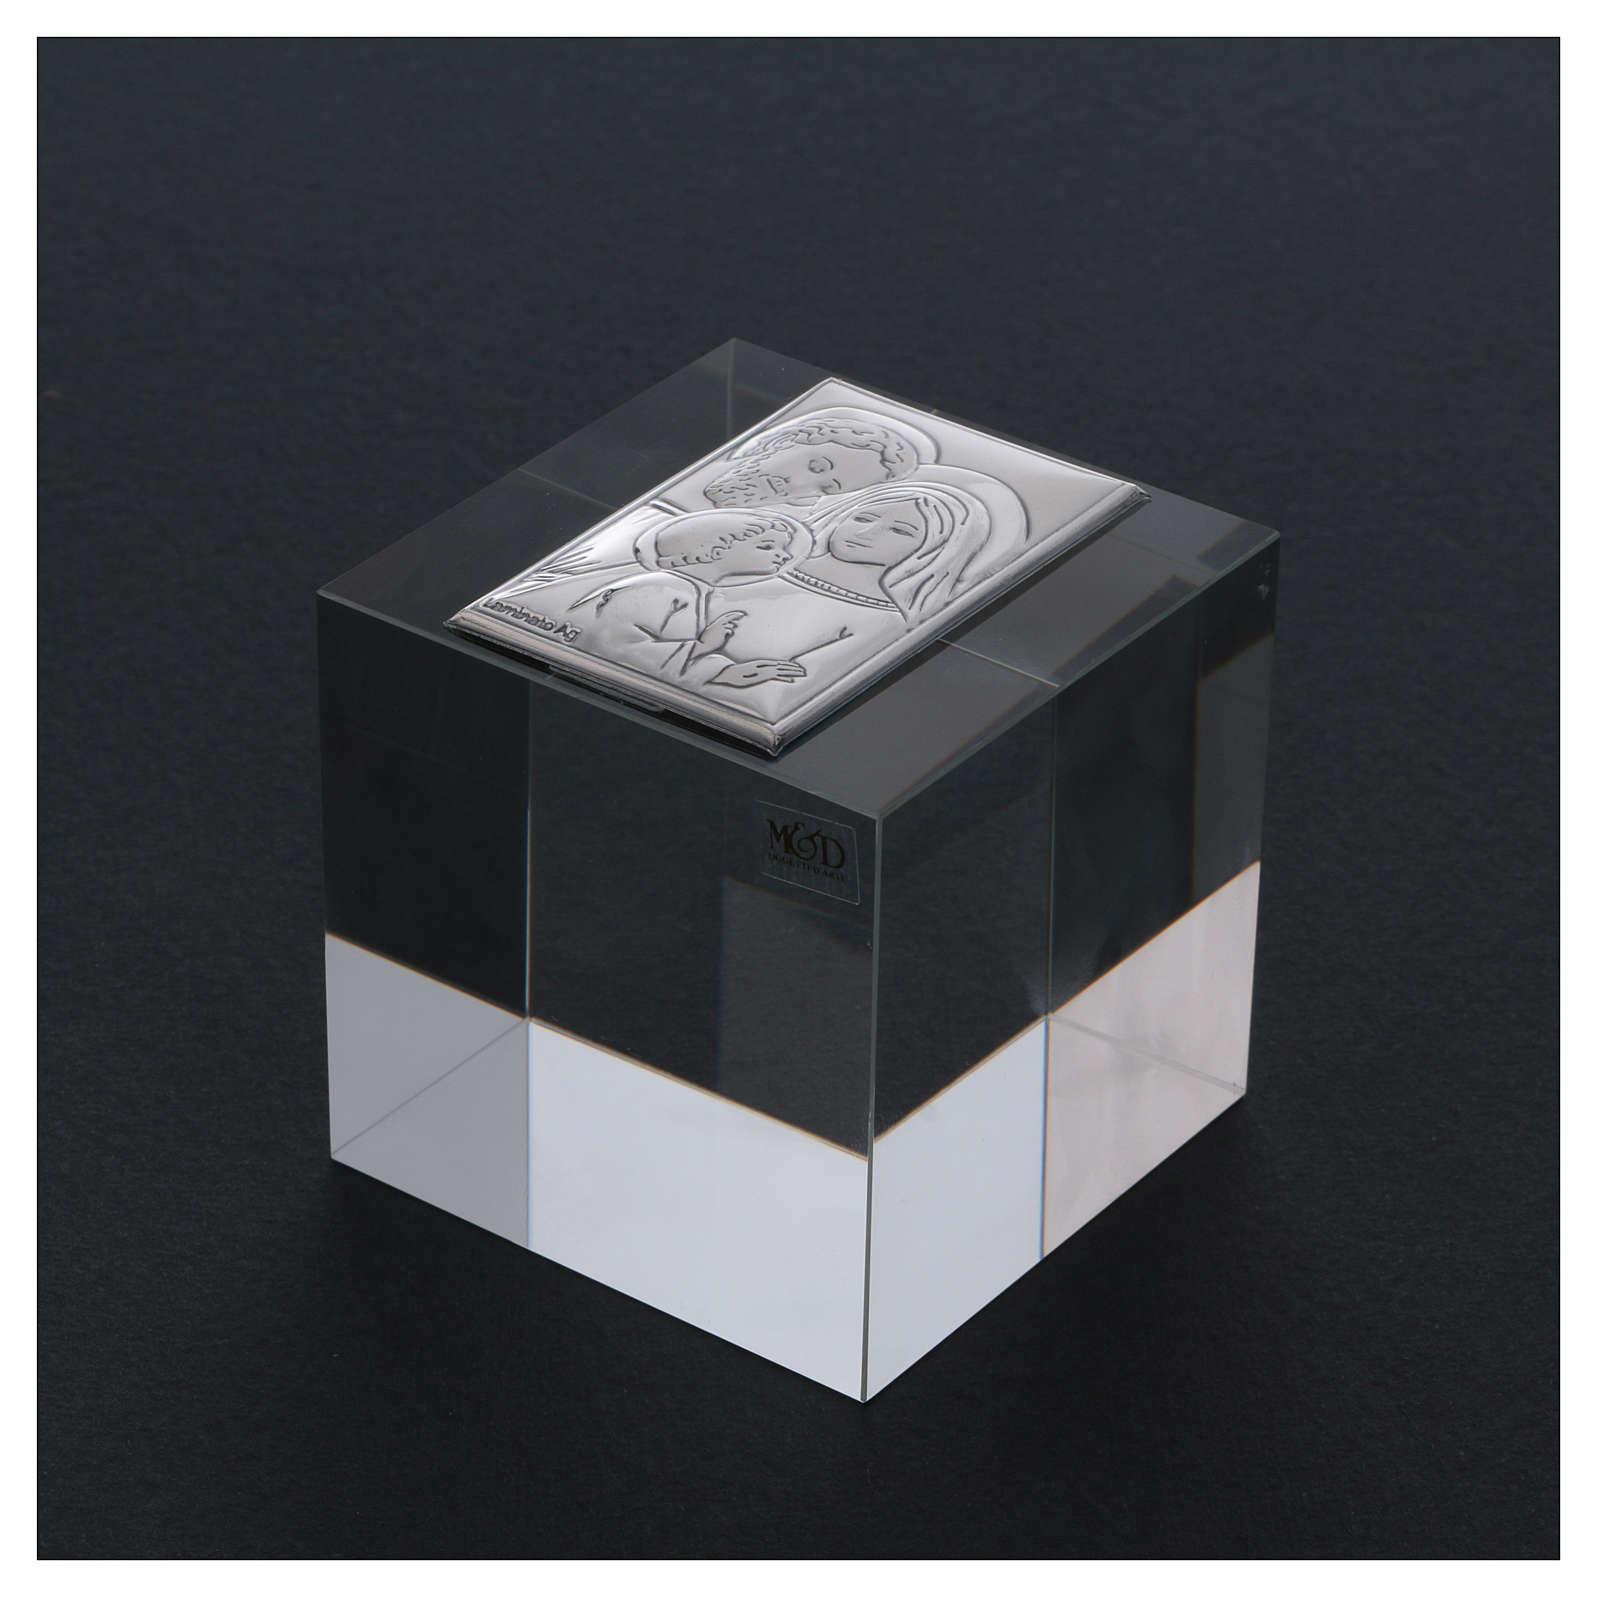 Bonbonnière Sainte Famille presse-papiers cristal 5x5x5 cm 3